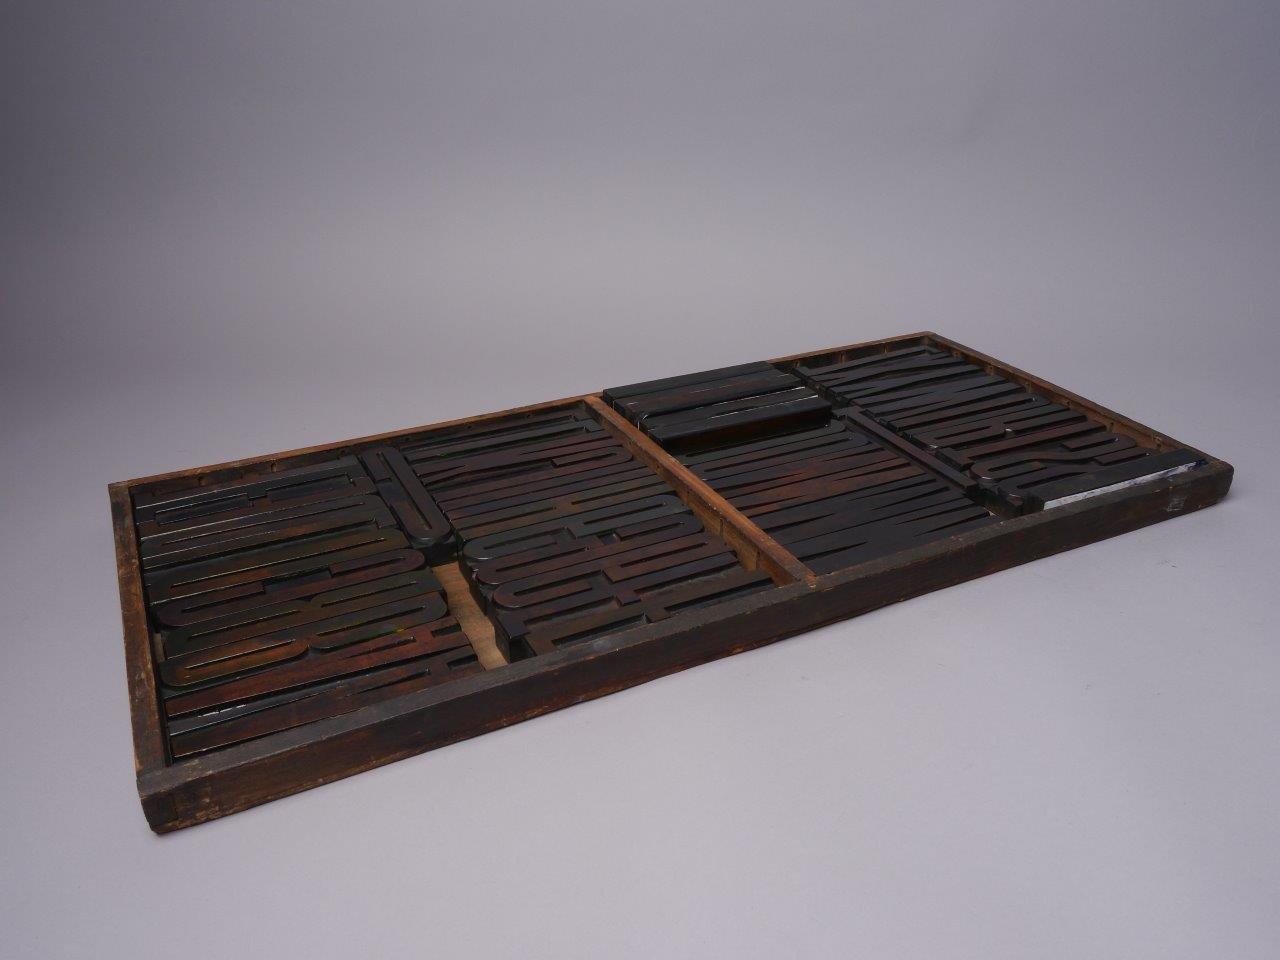 Houten drukletters van het type Gothic Condensed